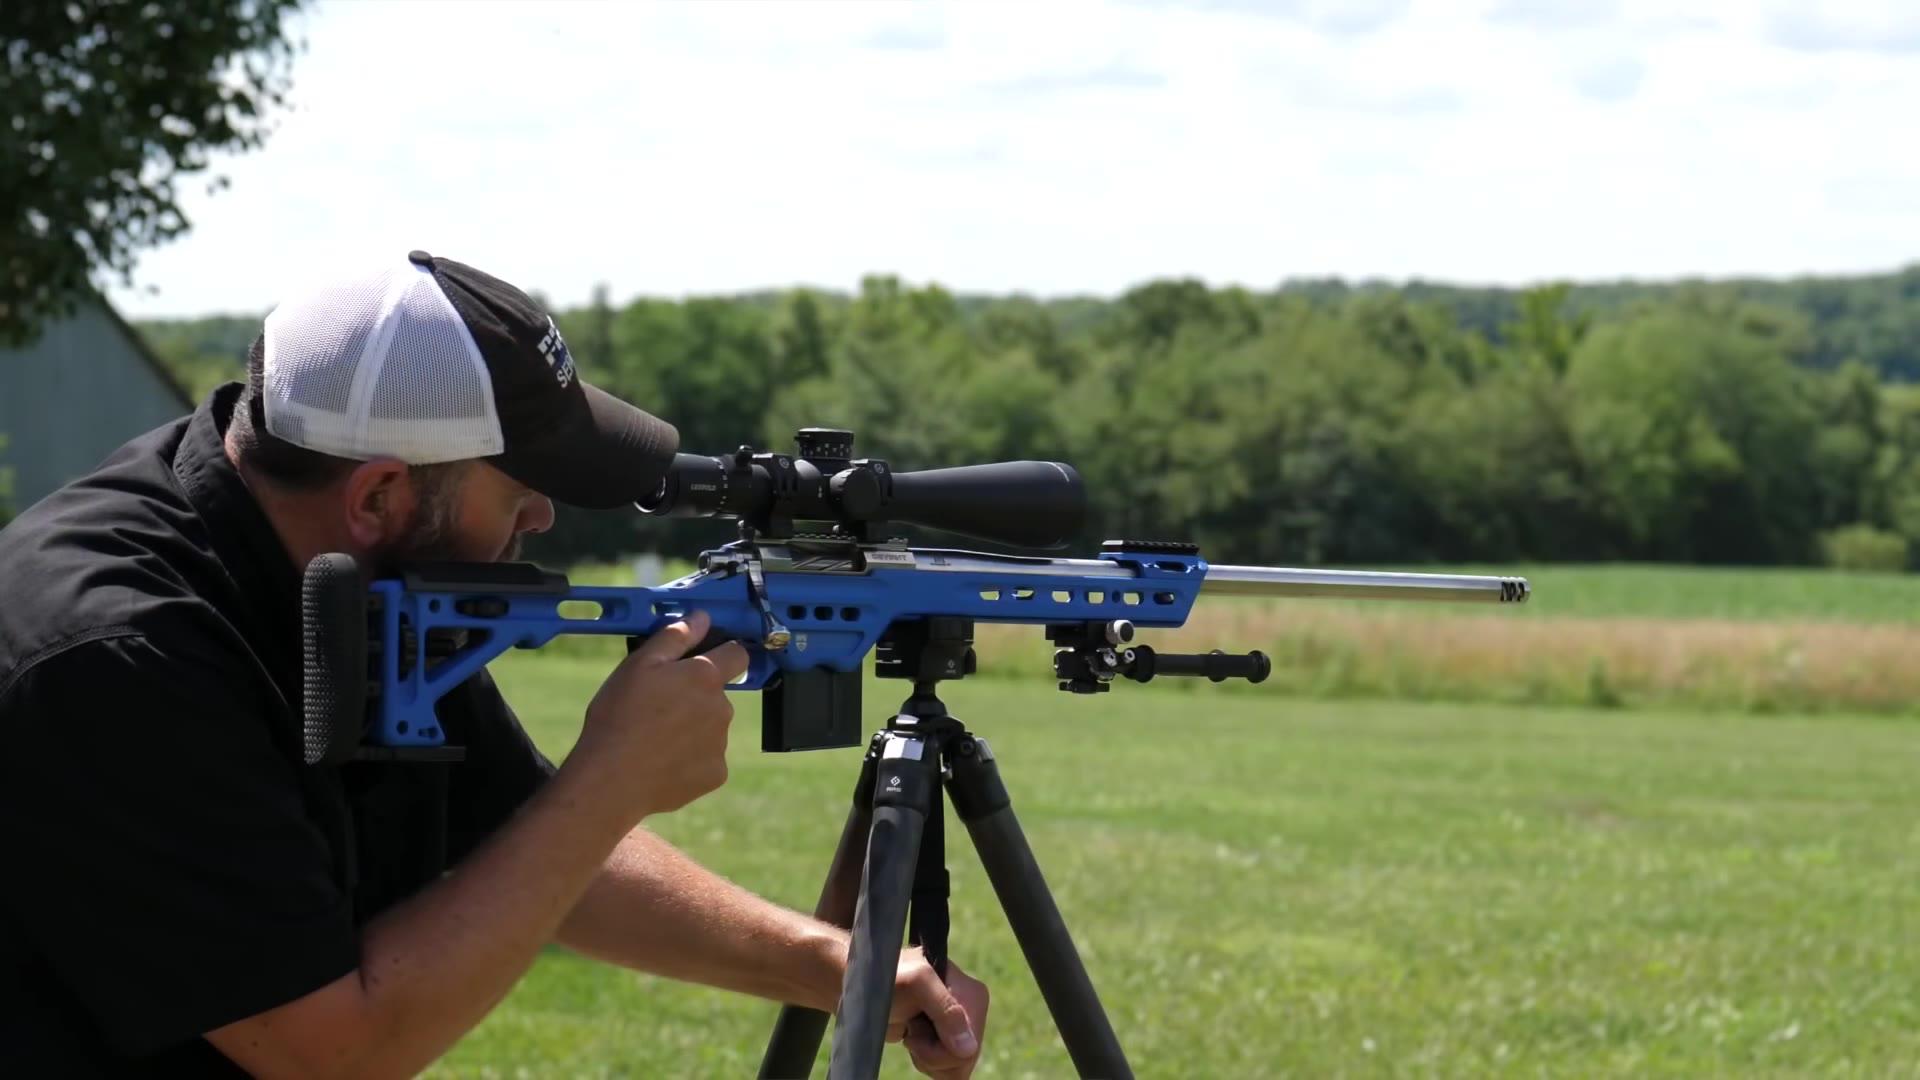 【生肉】实测!远距离射击最好的3款三脚架-Precision Rifle Network